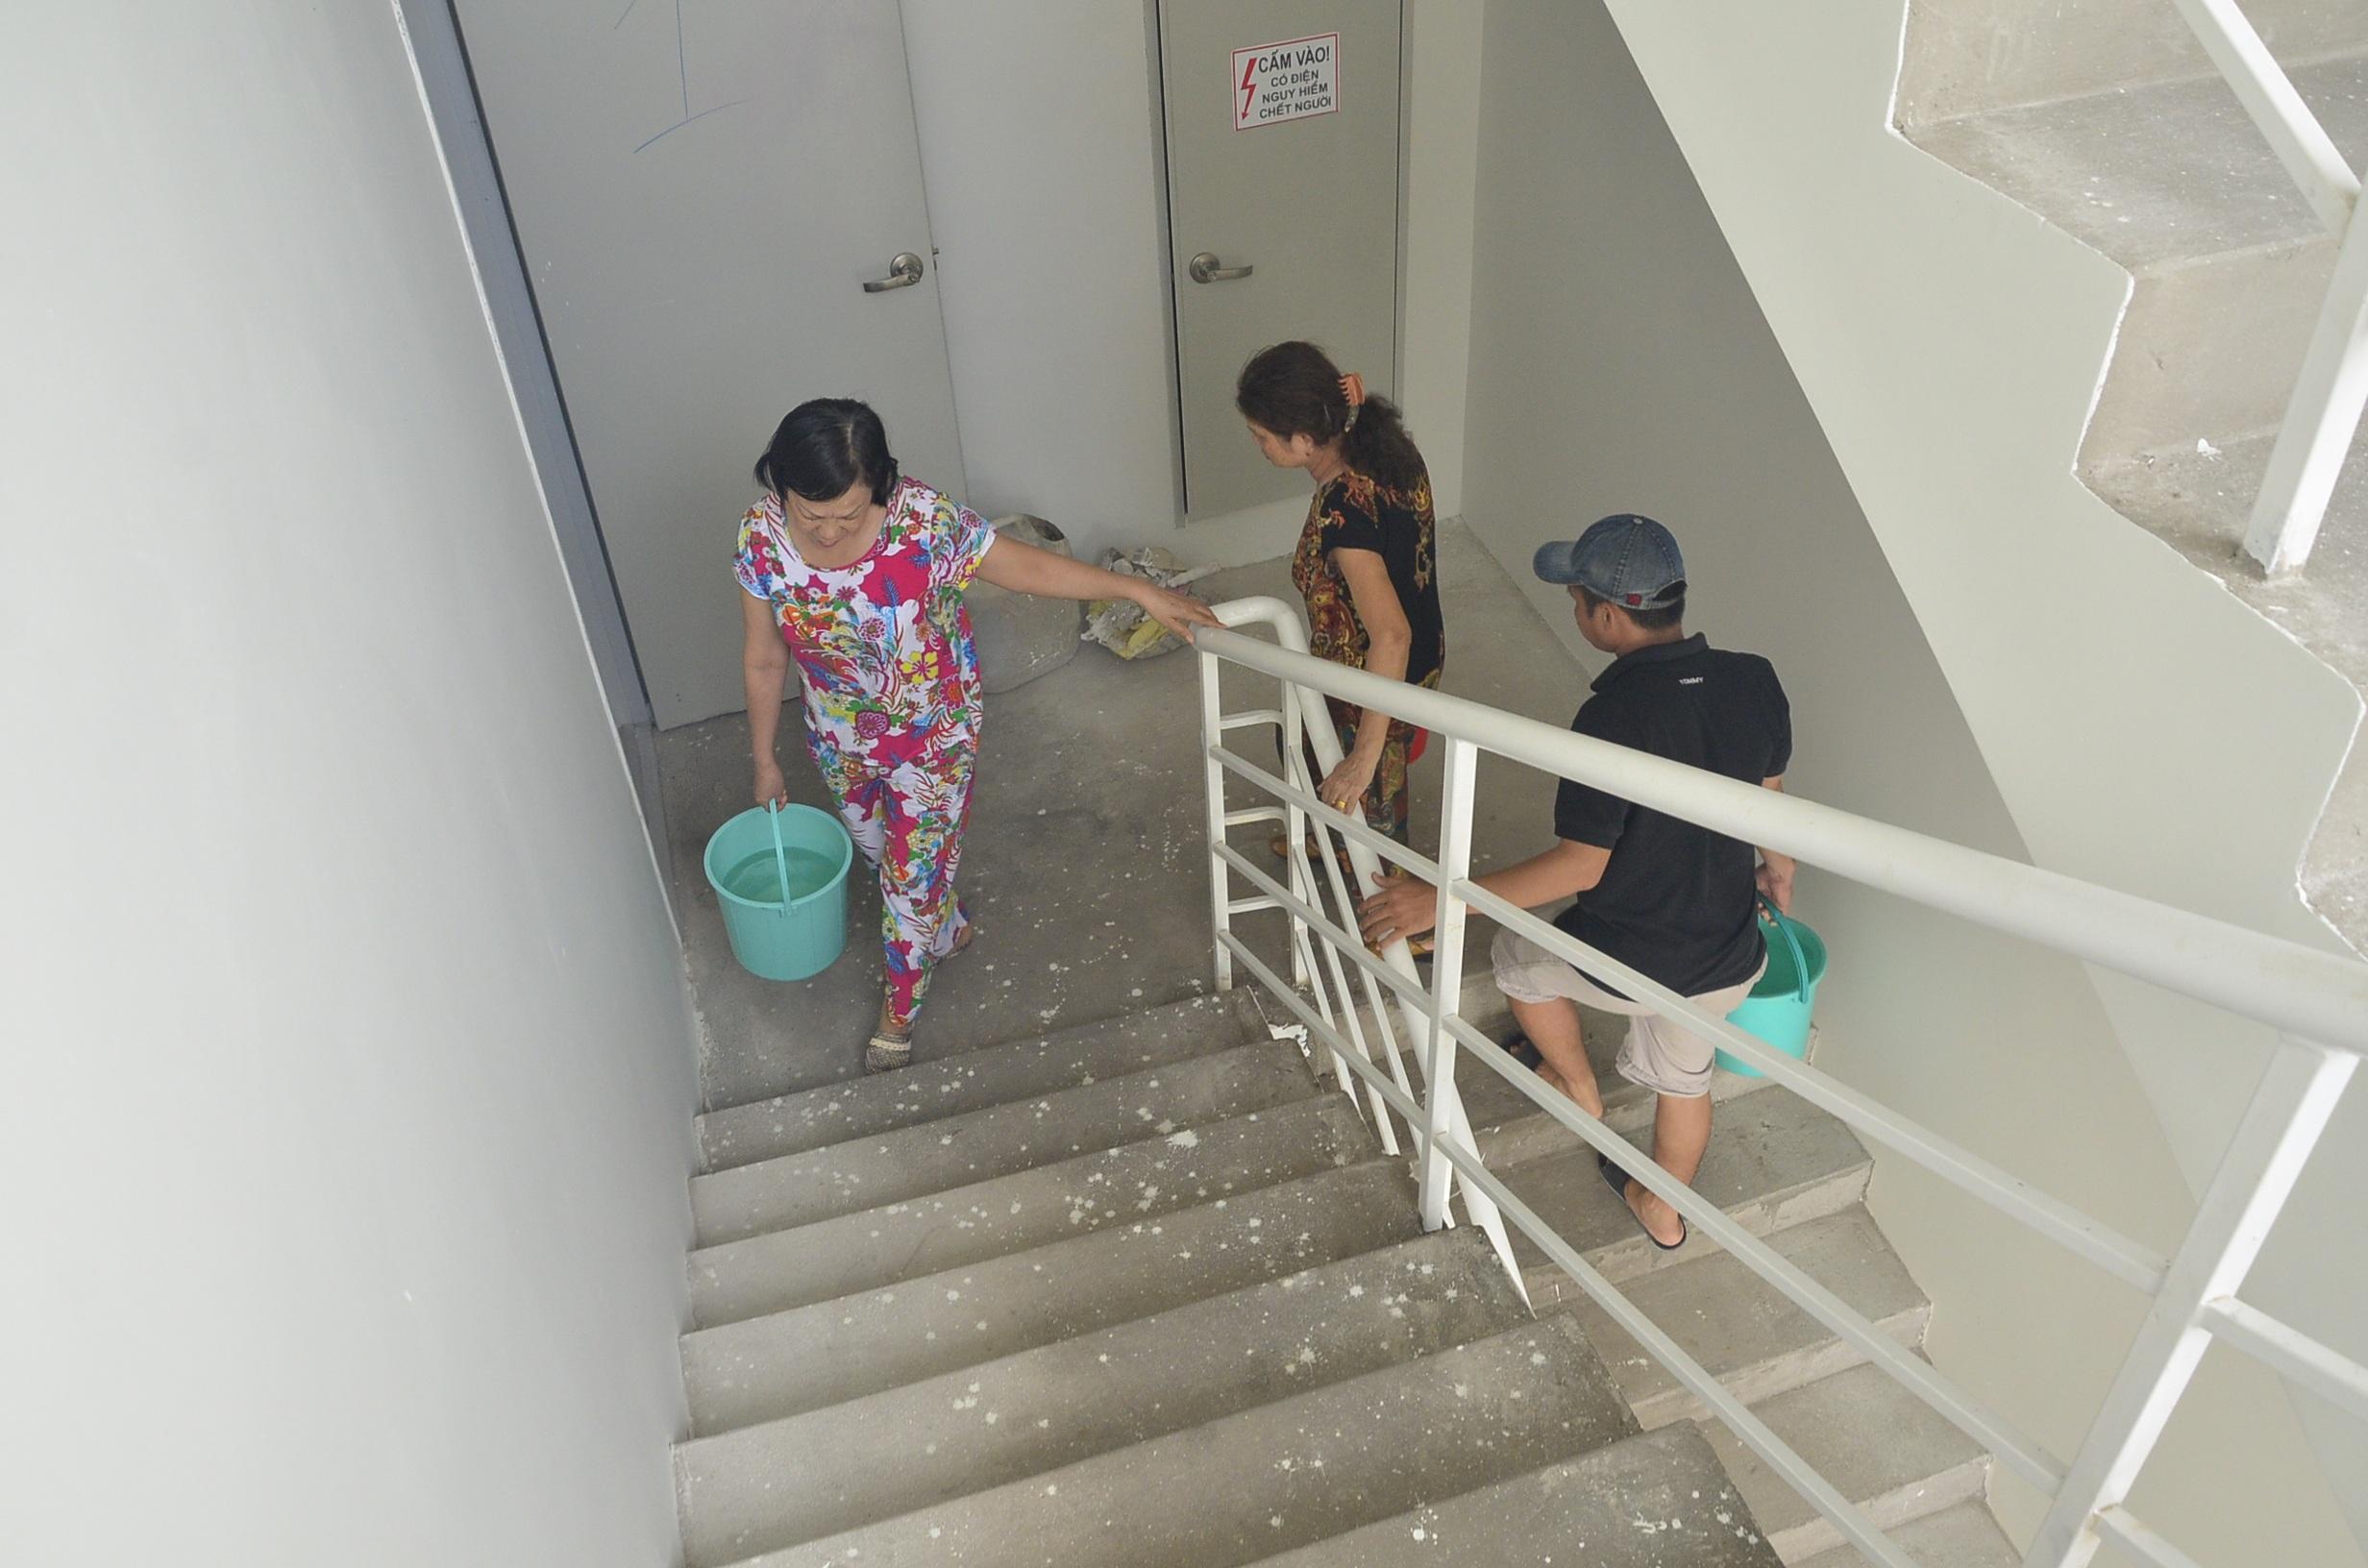 Các hộ dân trong chung cư phải xách từng xô nước từ tầng 1 lên các tầng cao để tắm rửa, dội toilet